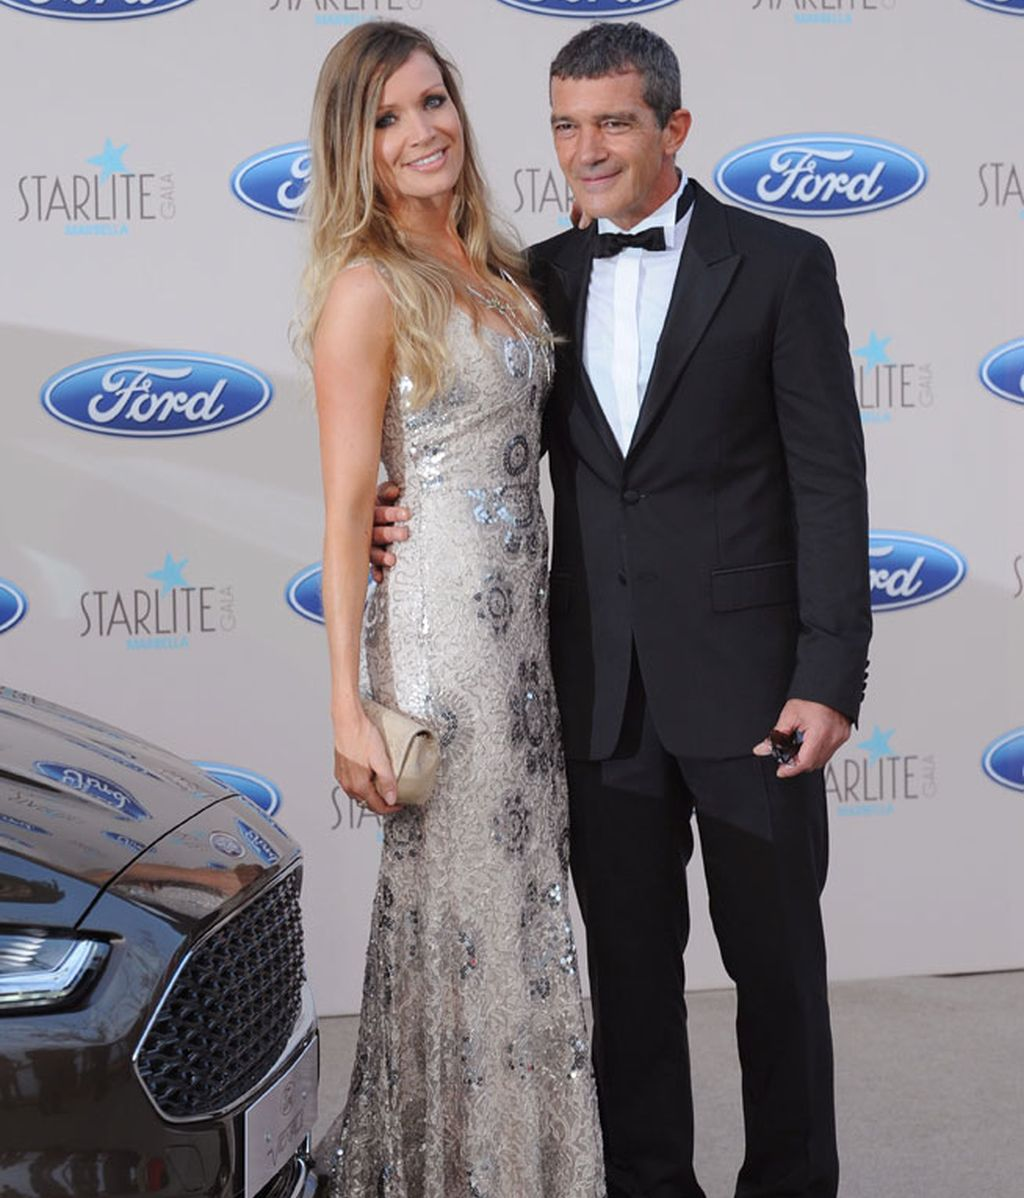 Antonio Banderas y su novia Nicole, fueron los protagonistas de la noche